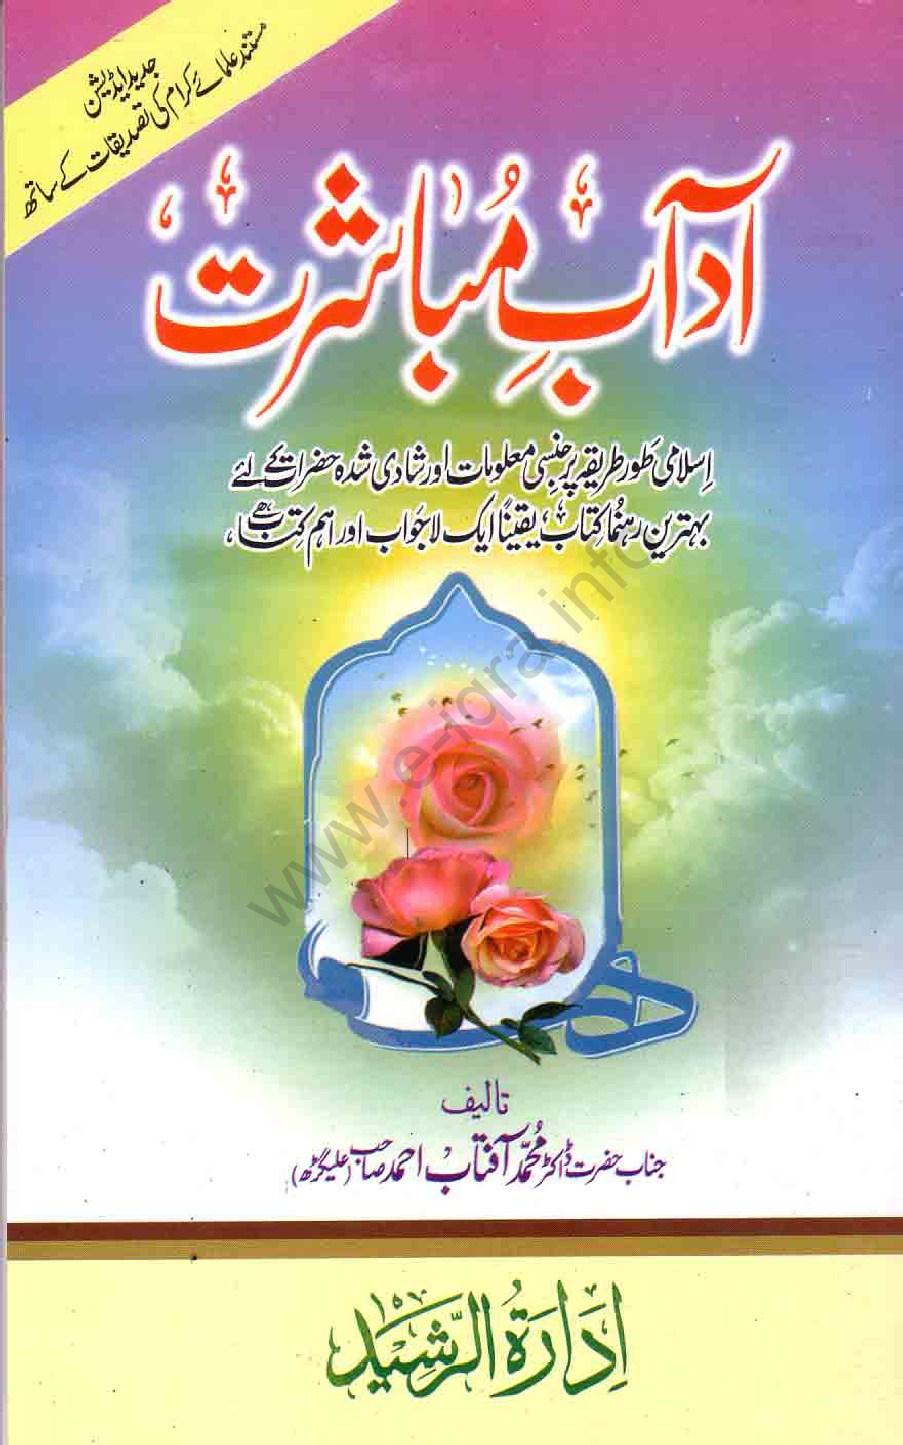 All pdf books in urdu free download